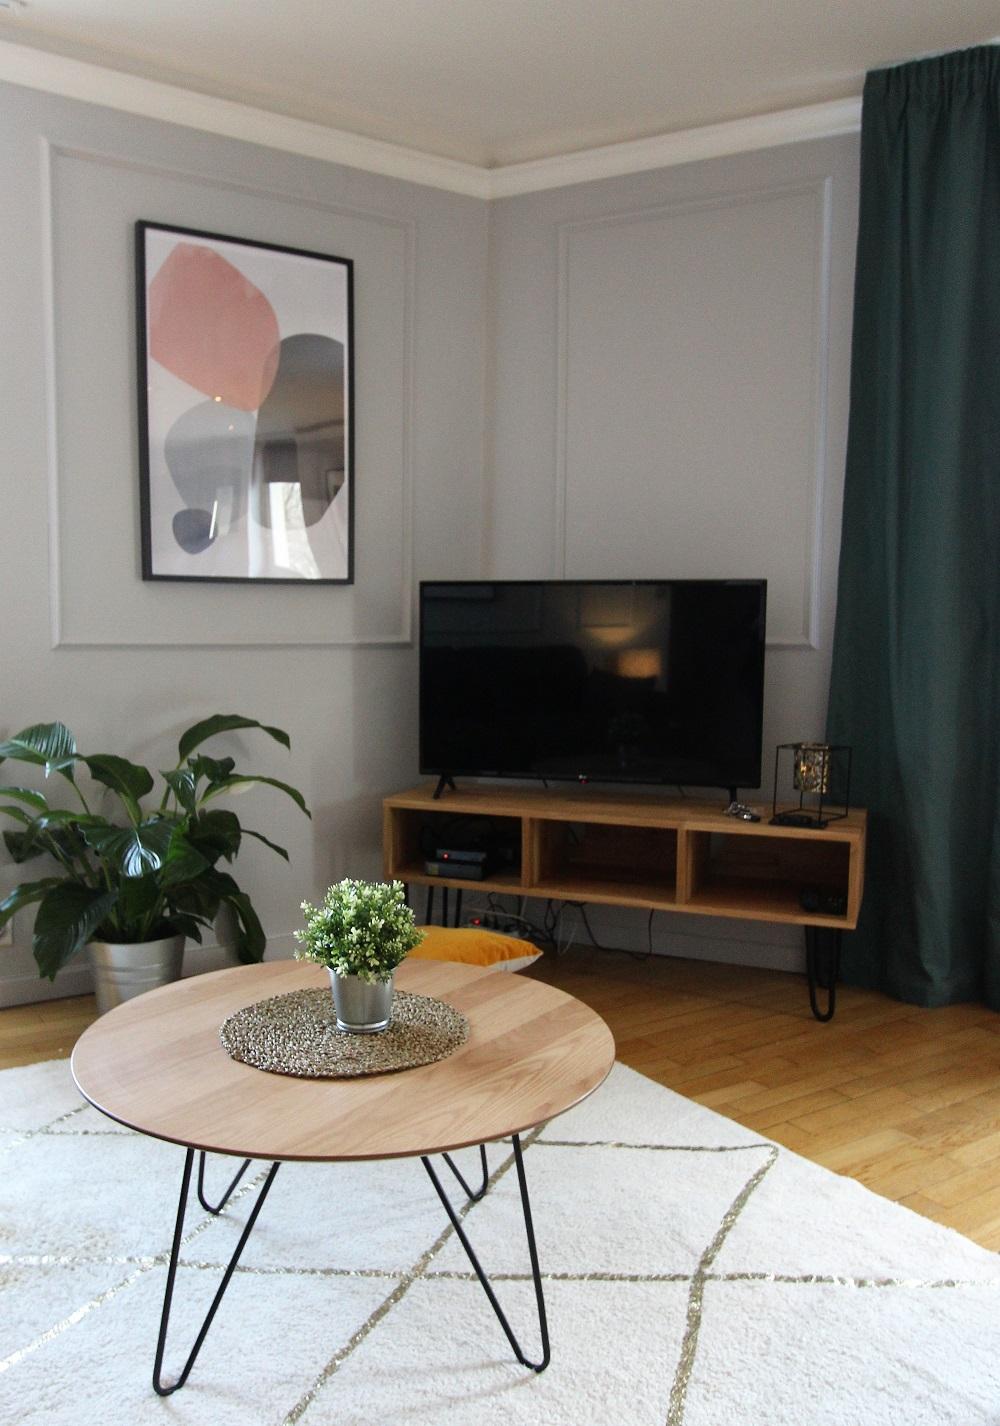 Décoration D Intérieur Dijon inoveadeco : aménagement appartement dijon type airbnb